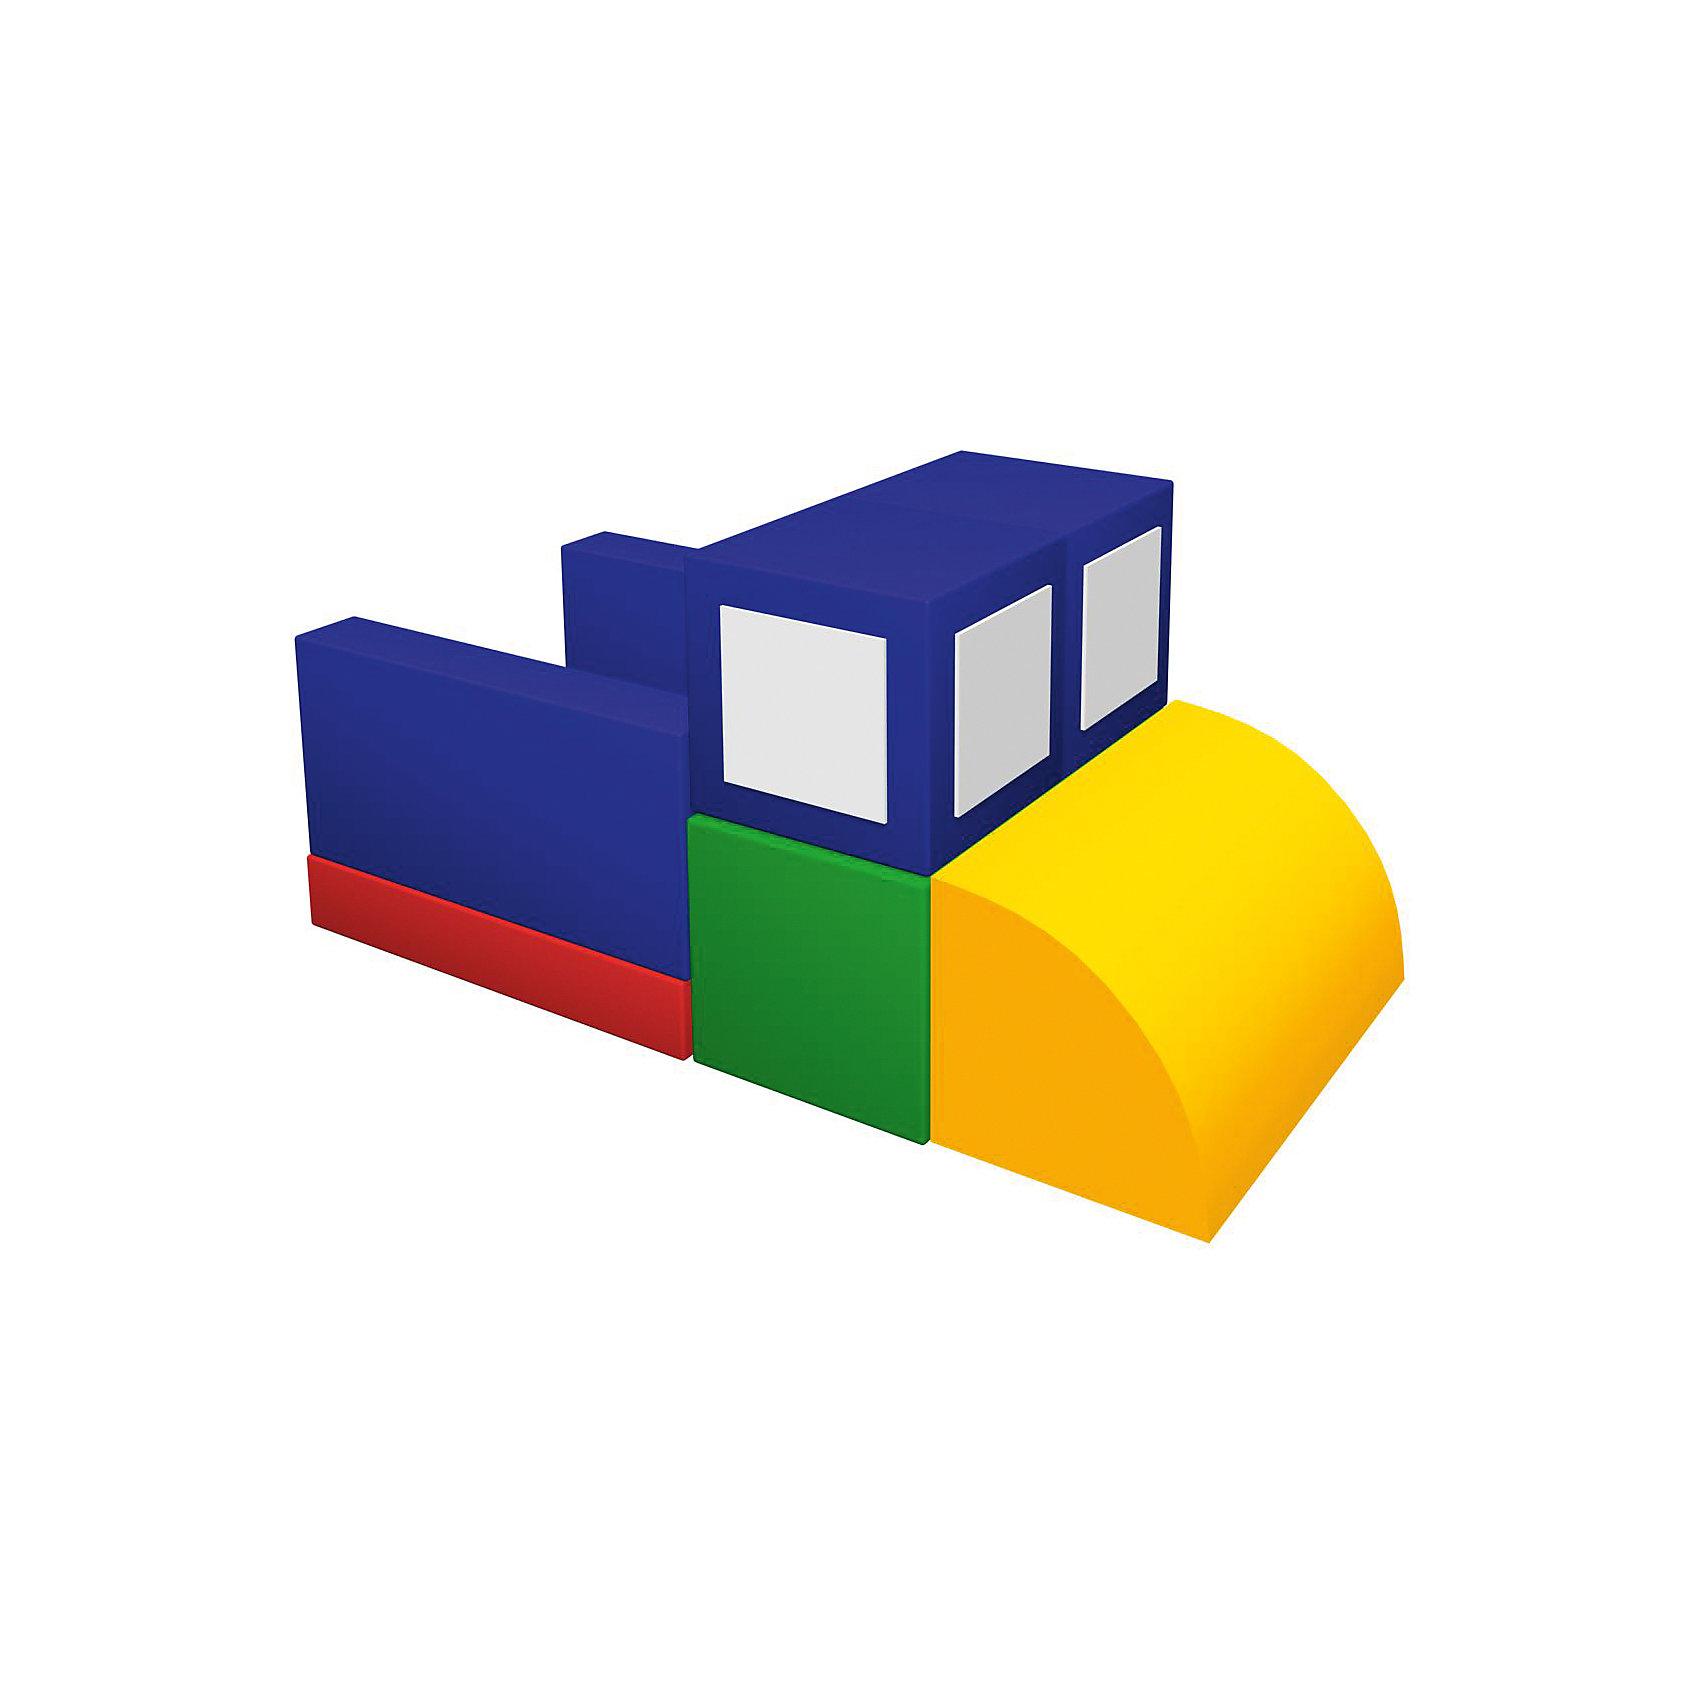 Игровой мягкий комплекс Самосвал, RomanaМебель<br>Мягкий игровой комплекс «Самосвал» - набор для детского строительства из больших разноцветных кубов. Обучает геометрическим формам, цветам и размерам. Развивает фантазию. Подходит как для детских дошкольных и младших школьных учреждений, так и для домашних развивающих игр. В комплекте: кубик, мат, прямоугольник, полуцилиндр. Габаритные размеры 1200 x 600 мм. Вес с упаковкой 8 кг<br><br>Ширина мм: 1200<br>Глубина мм: 600<br>Высота мм: 600<br>Вес г: 8000<br>Возраст от месяцев: 36<br>Возраст до месяцев: 60<br>Пол: Унисекс<br>Возраст: Детский<br>SKU: 6742451